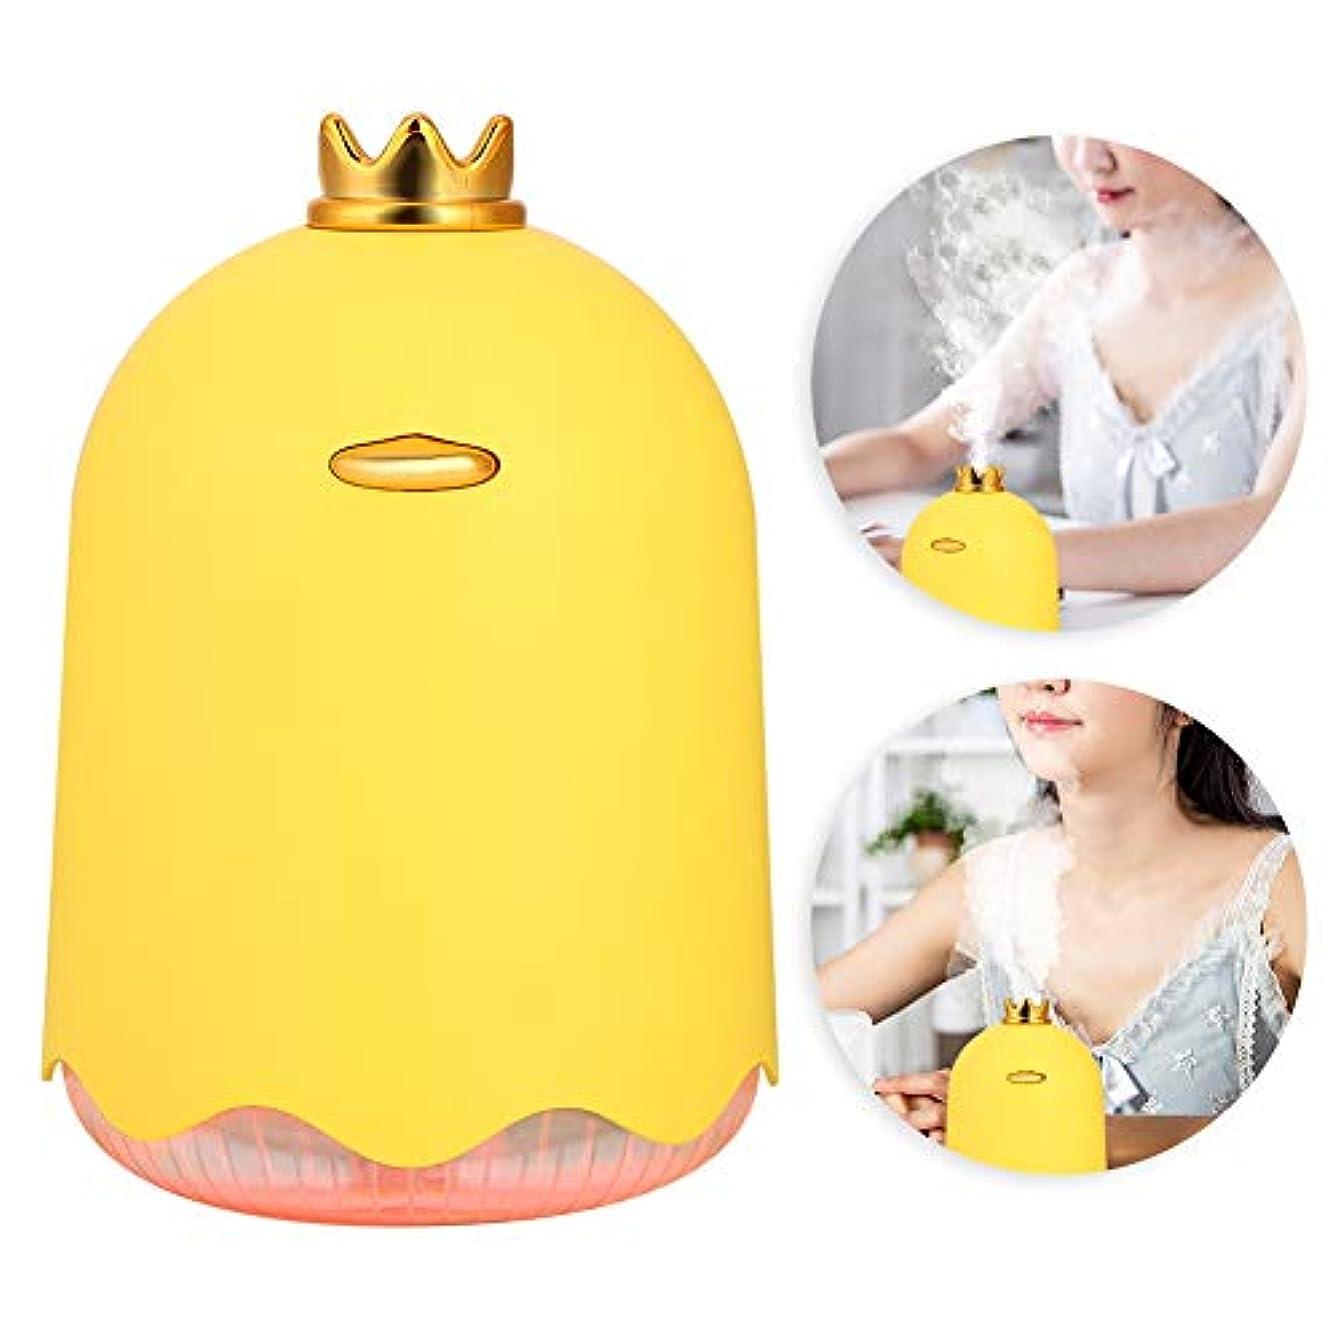 車両家庭用加湿器、キュートファインミストスキン保湿加湿器250ml(黄色いアヒル)